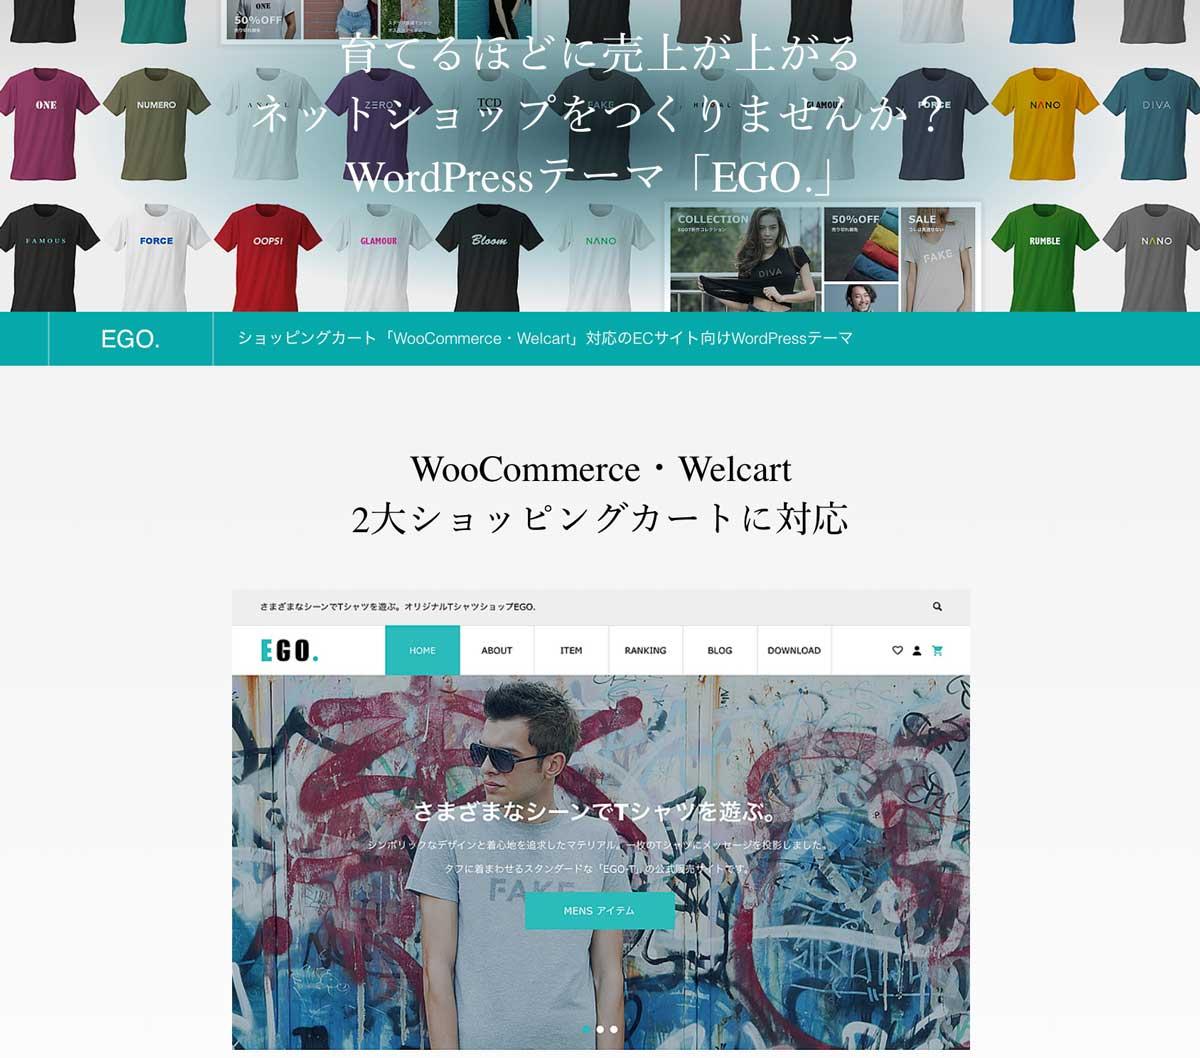 ショッピングカート「WooCommerce・Welcart」対応のECサイト向けWordPressテーマ「EGO.」 wordpress_free_themes_tcd079_01